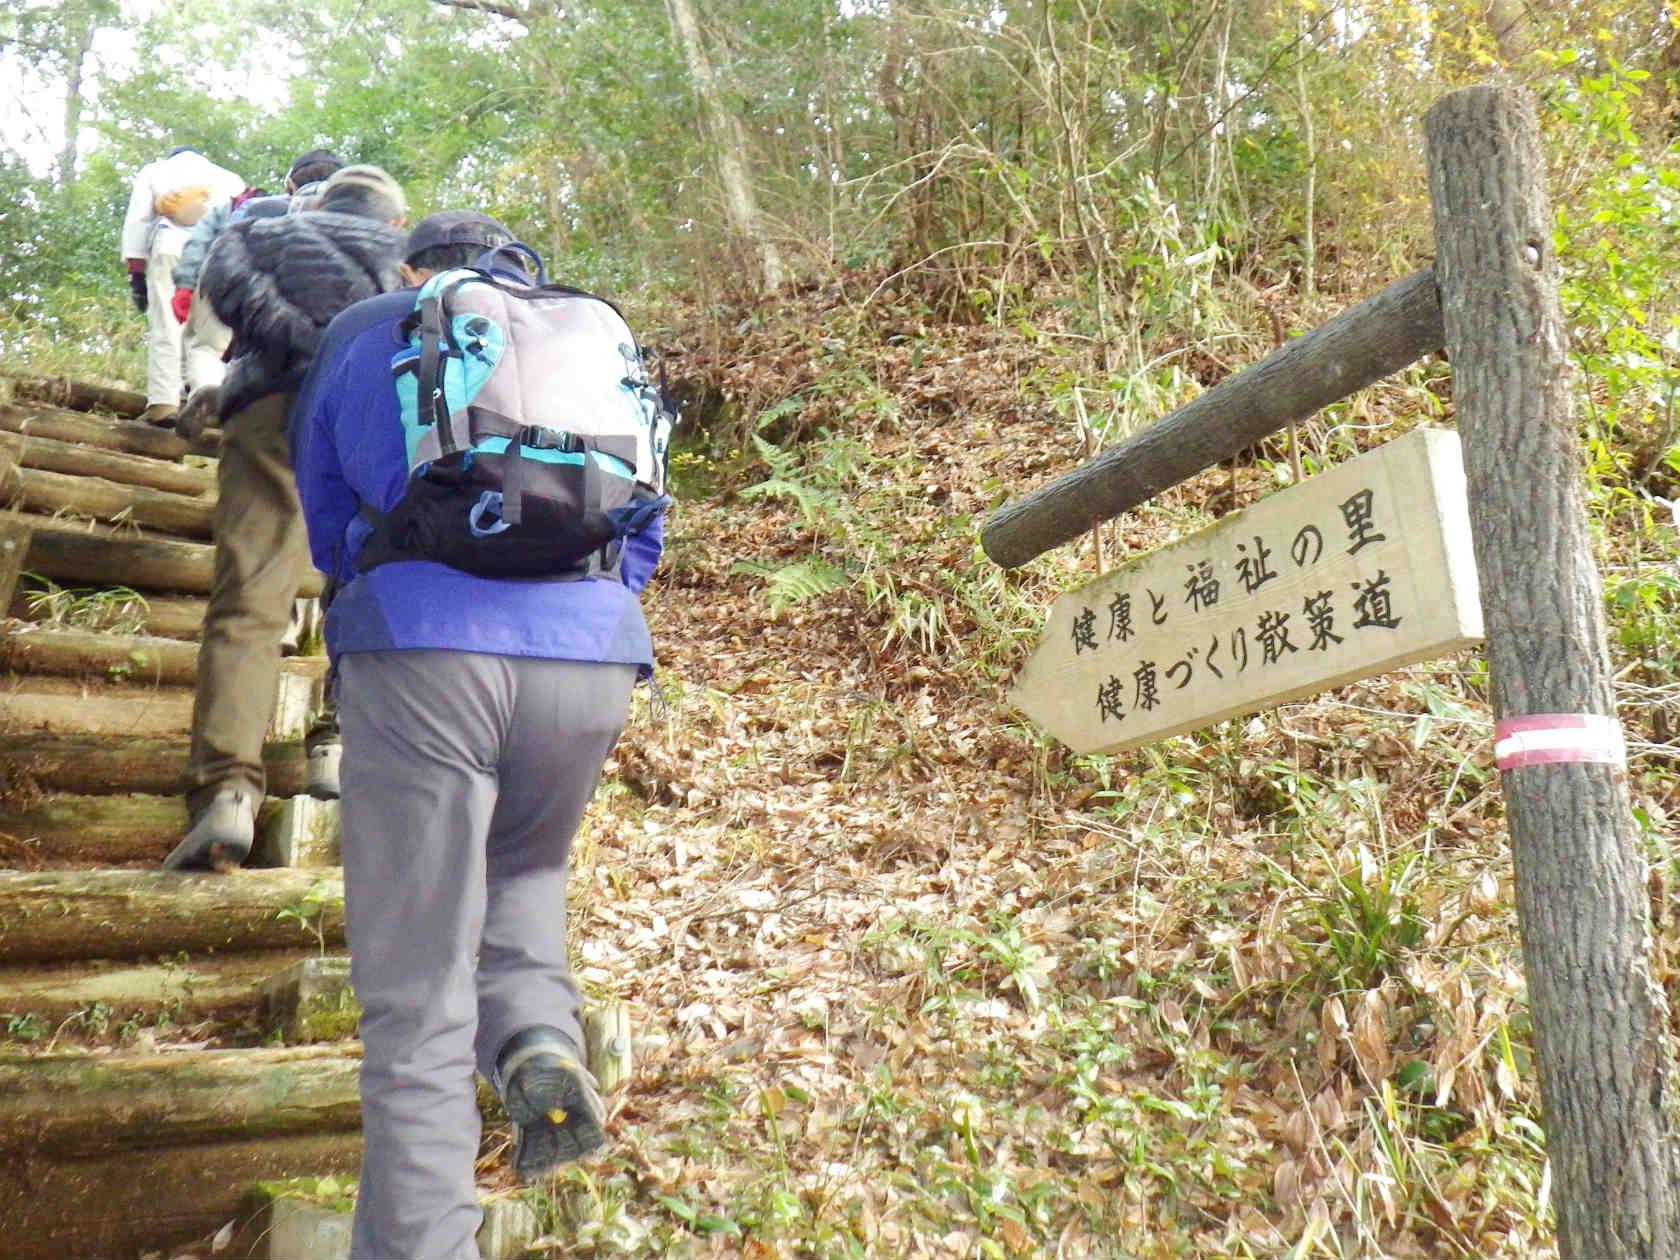 05b 丸木の階段を登る